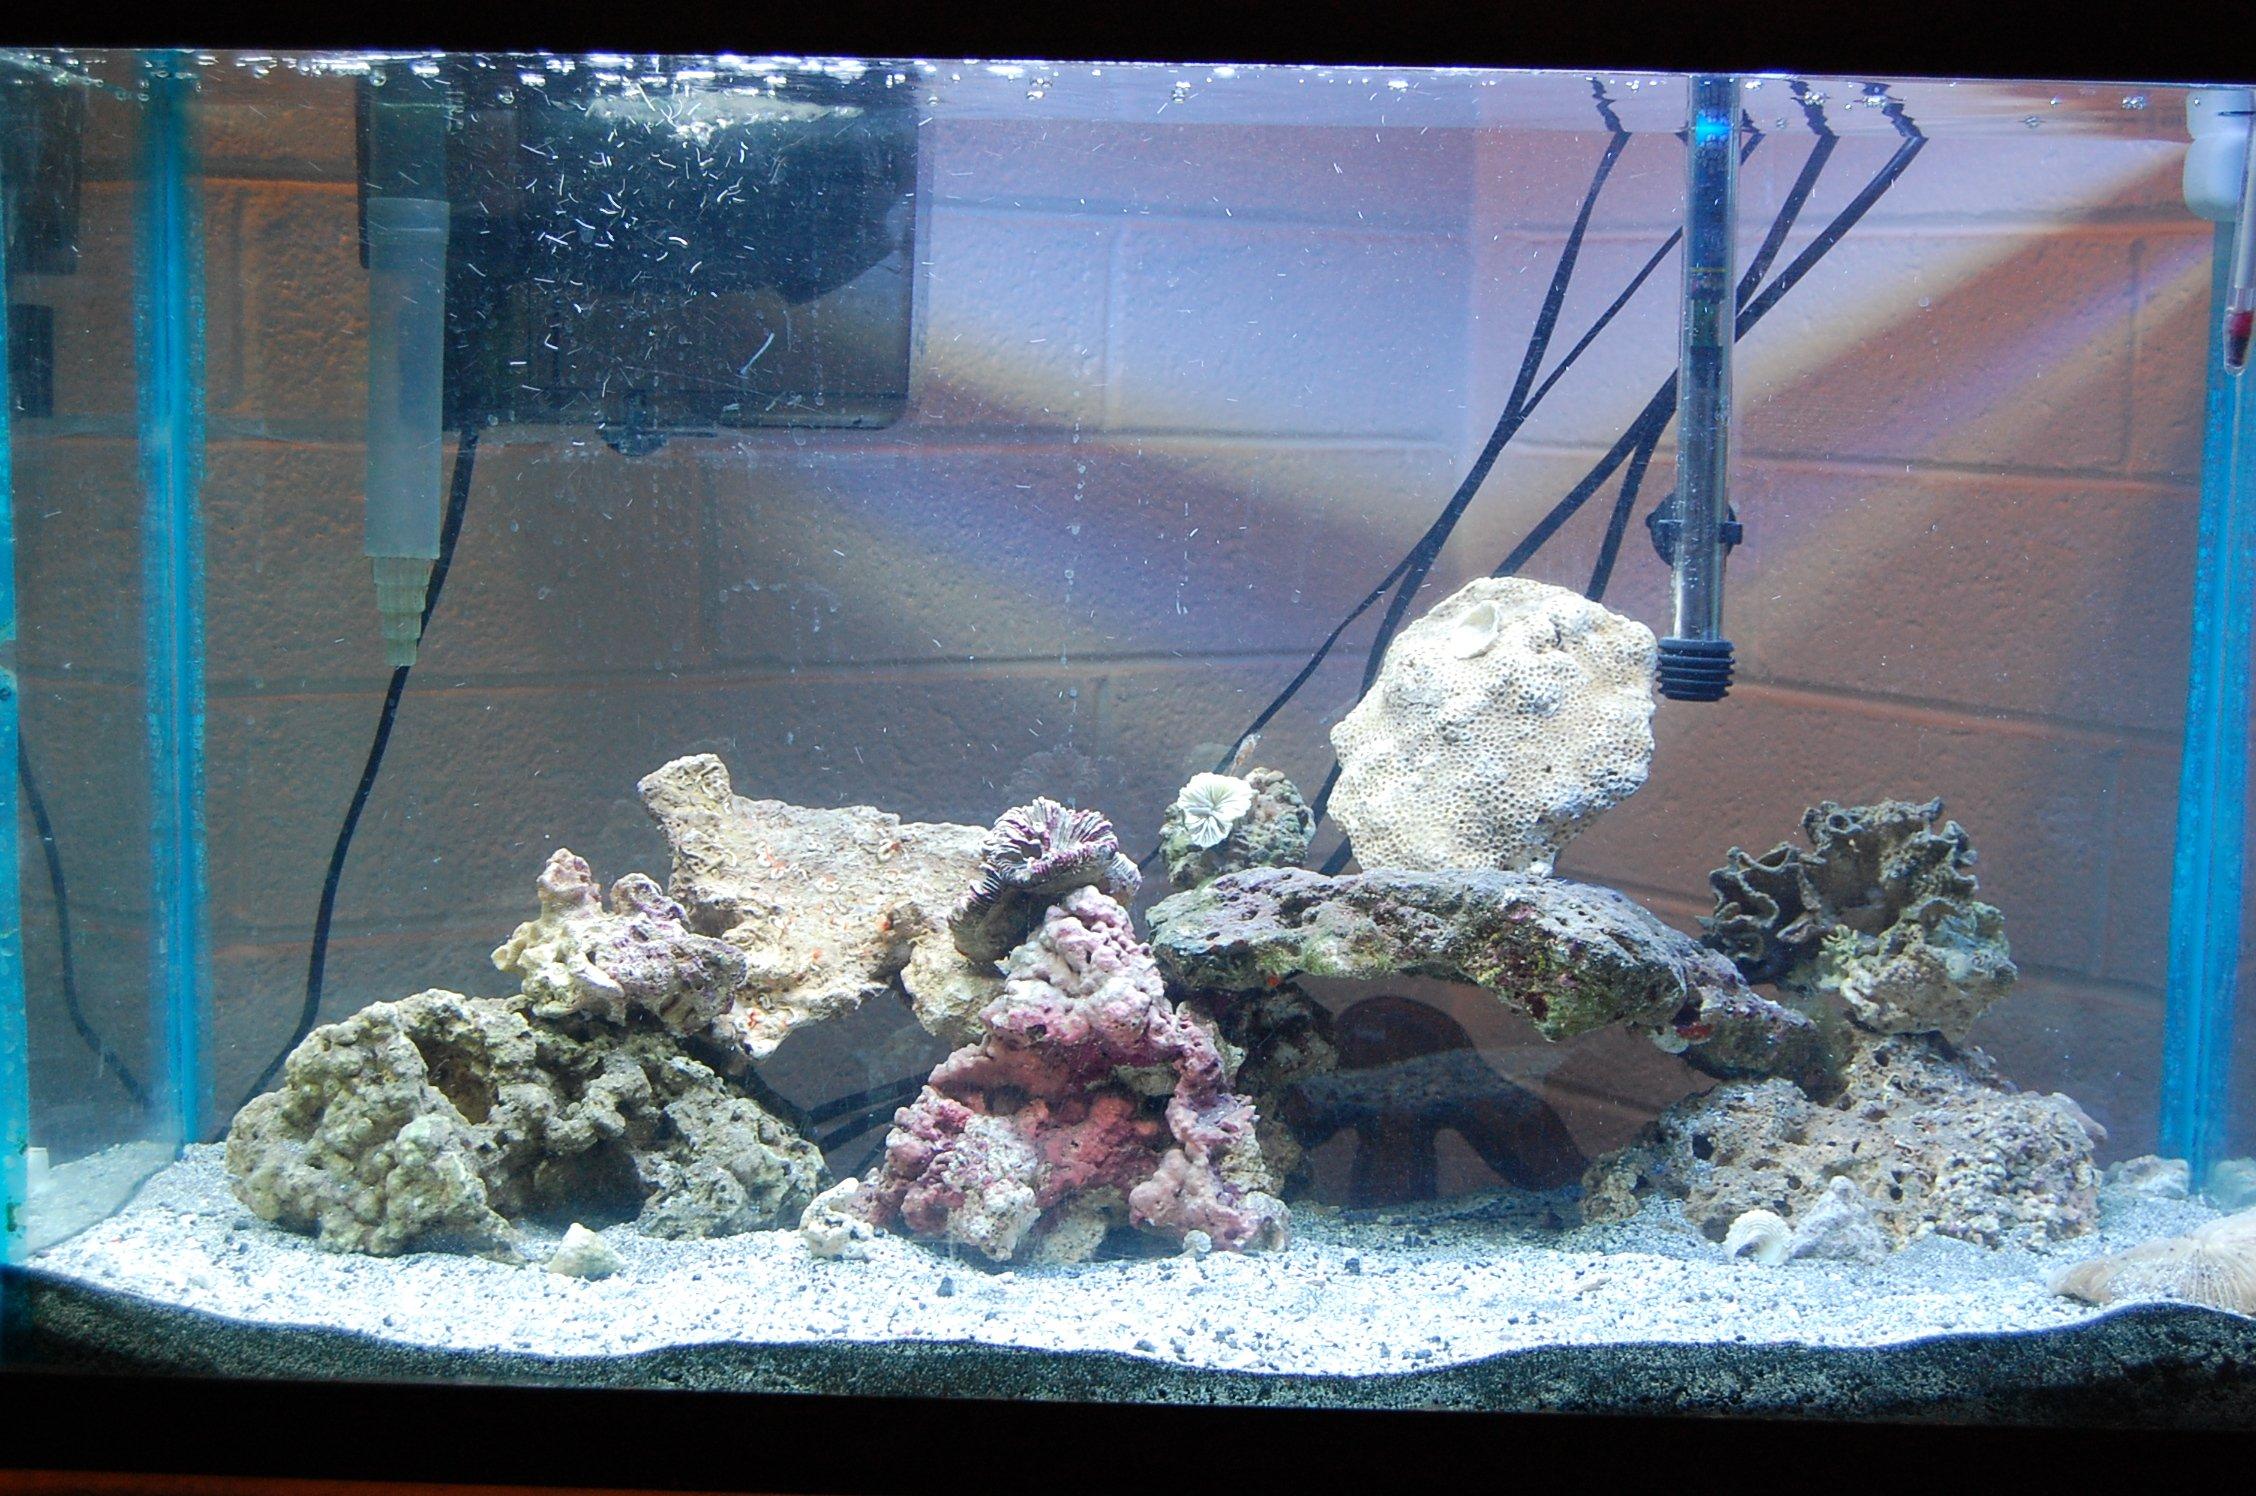 Starting a 29 gallon reef tank saltwaterfish forum for Starting a saltwater fish tank